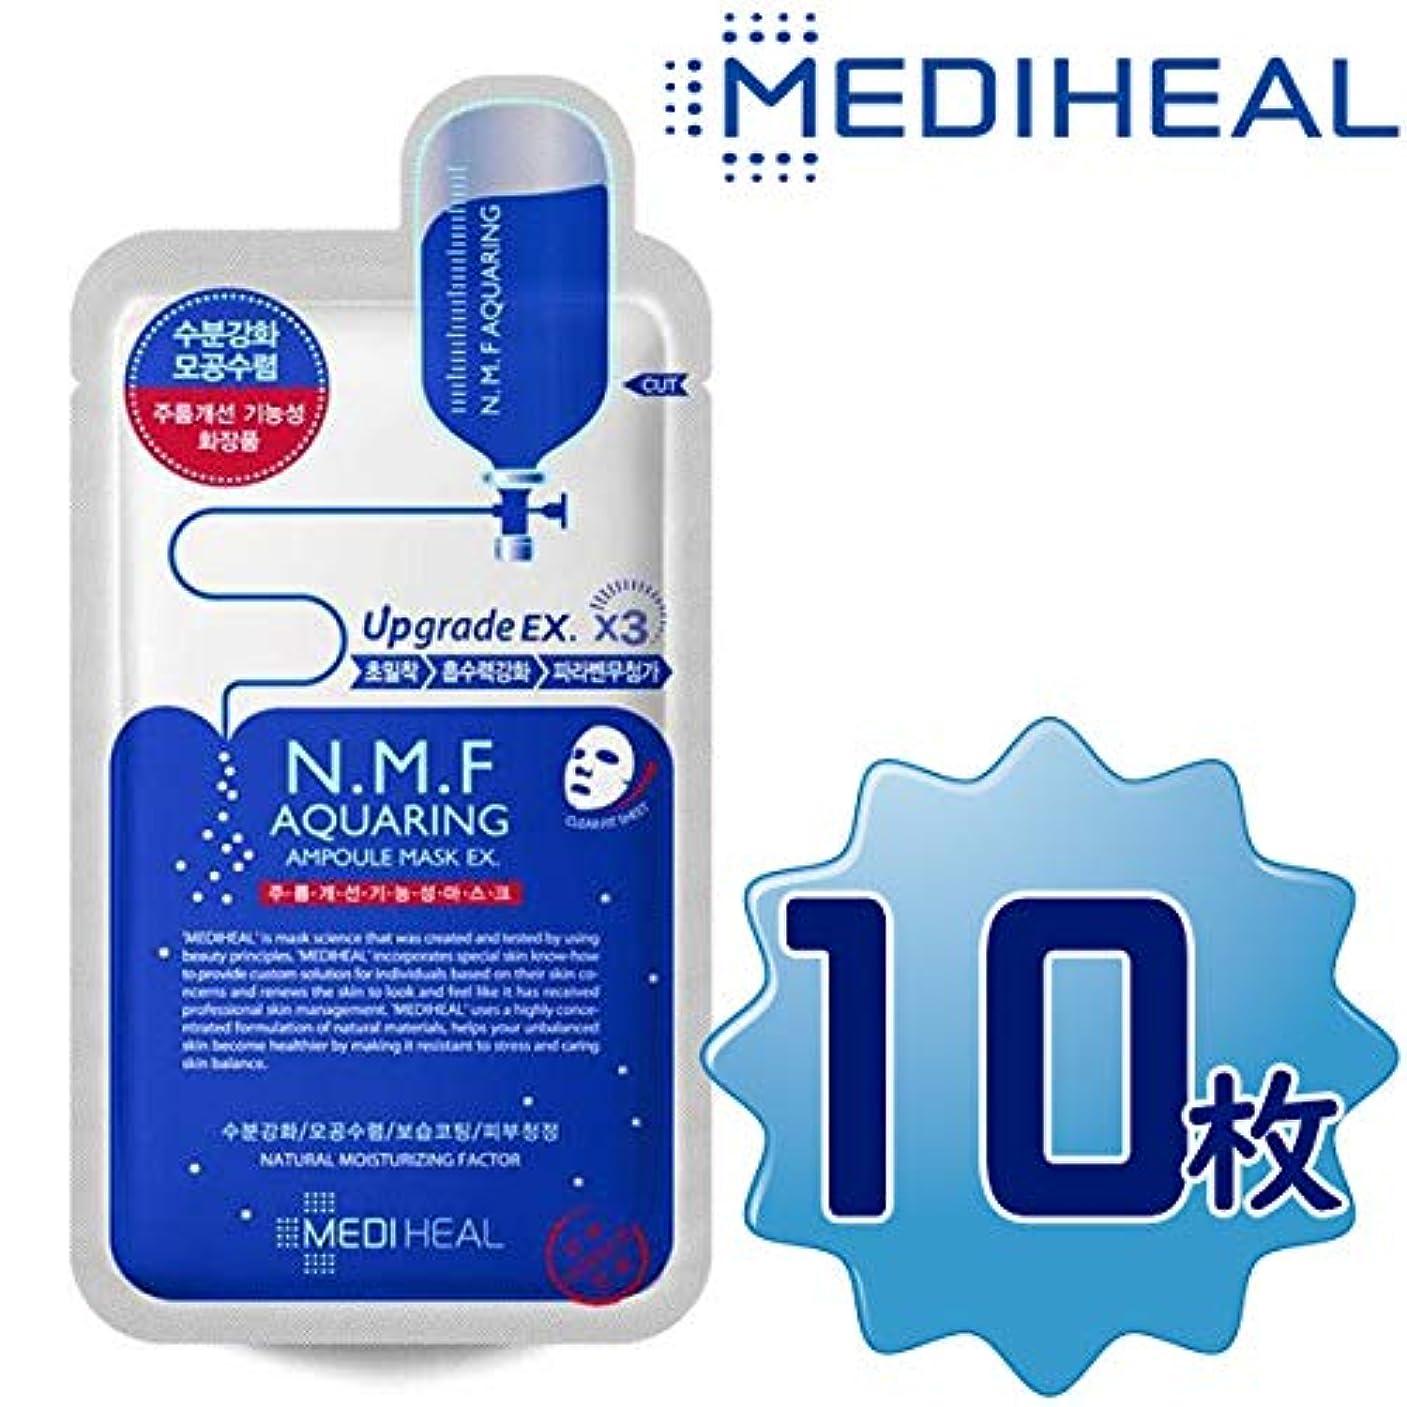 検閲国歌減衰【正規輸入品】Mediheal メディヒール N.M.F アクアリング アンプル?マスクパックEX 10枚入り×1(Aquaring Ampoule Essential Mask PackEX 1box(10sheet)×1